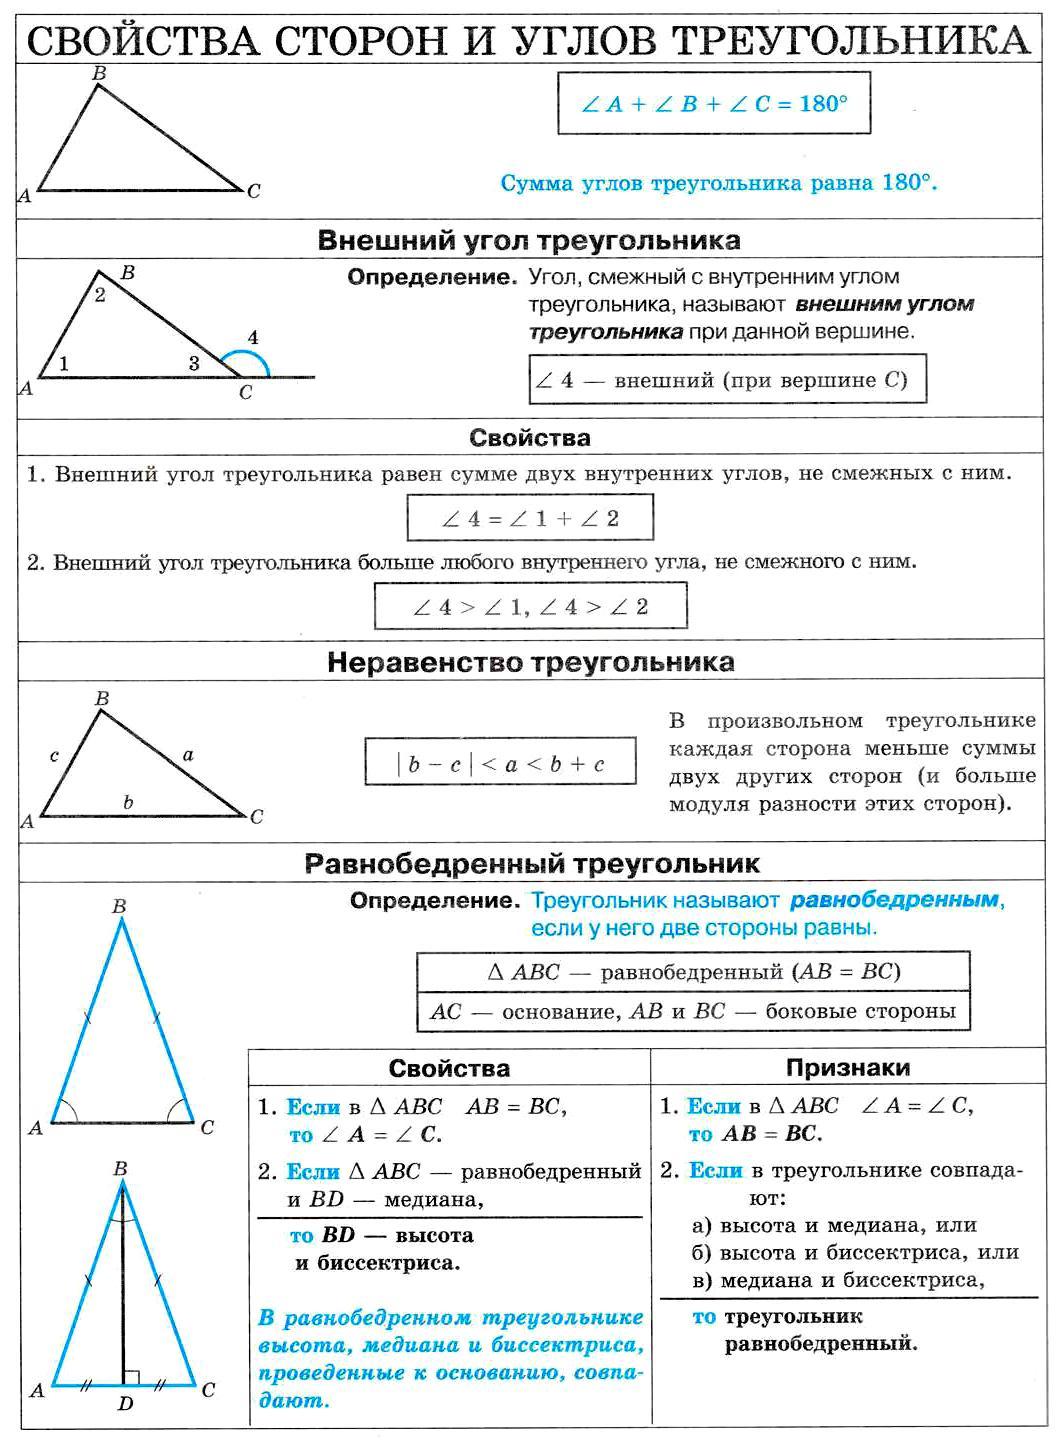 04. Свойства сторон и углов треугольника